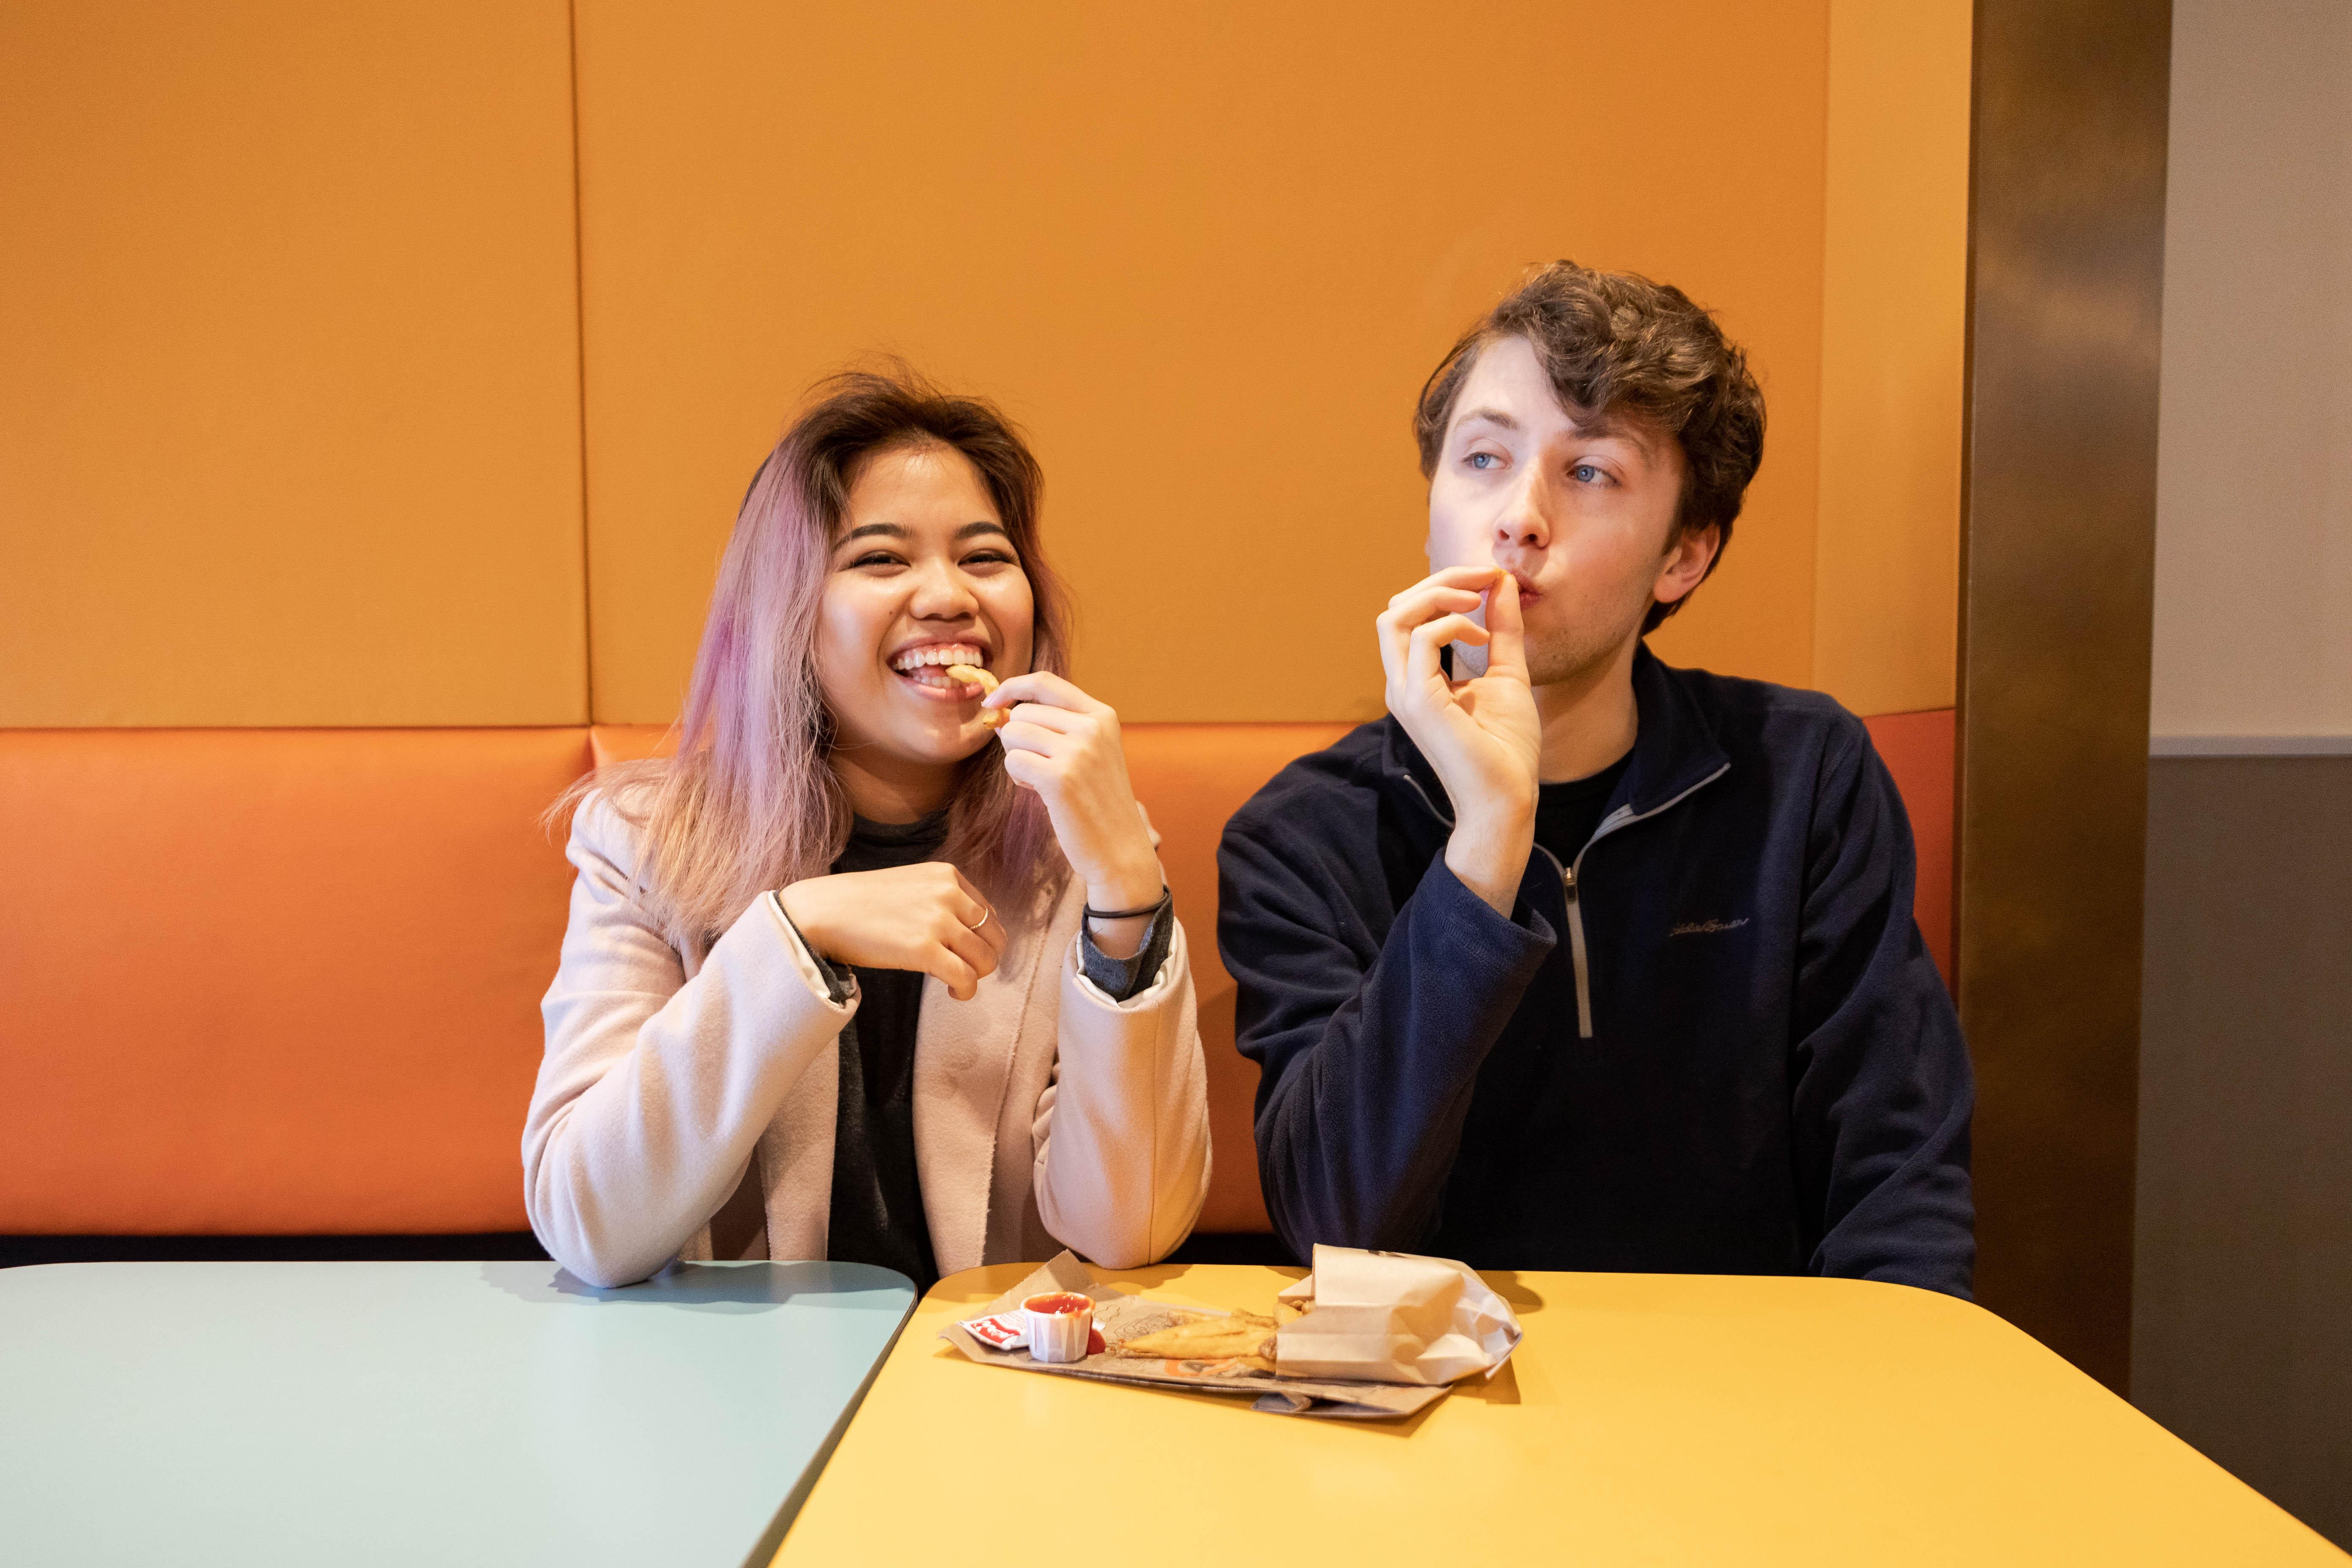 Sara and Jordan eating fries